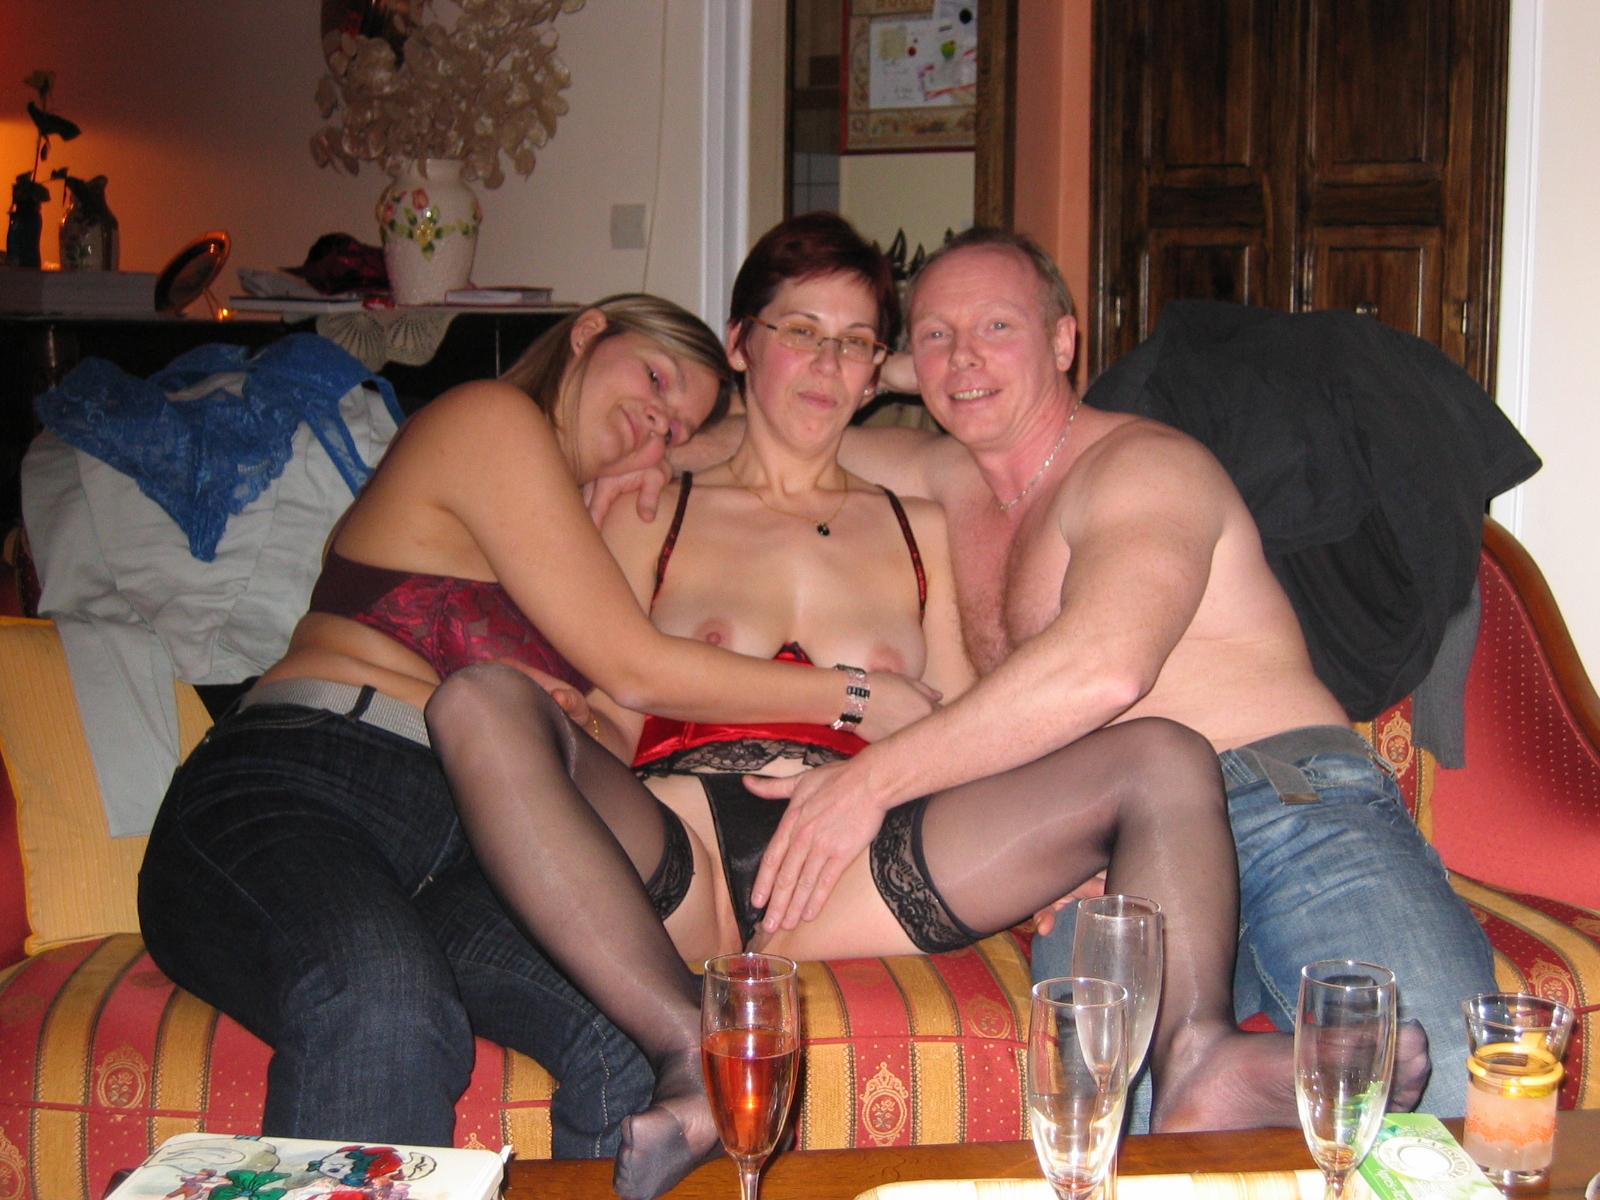 Свингеры в литве фото, полные порно фильмы одна на толпу